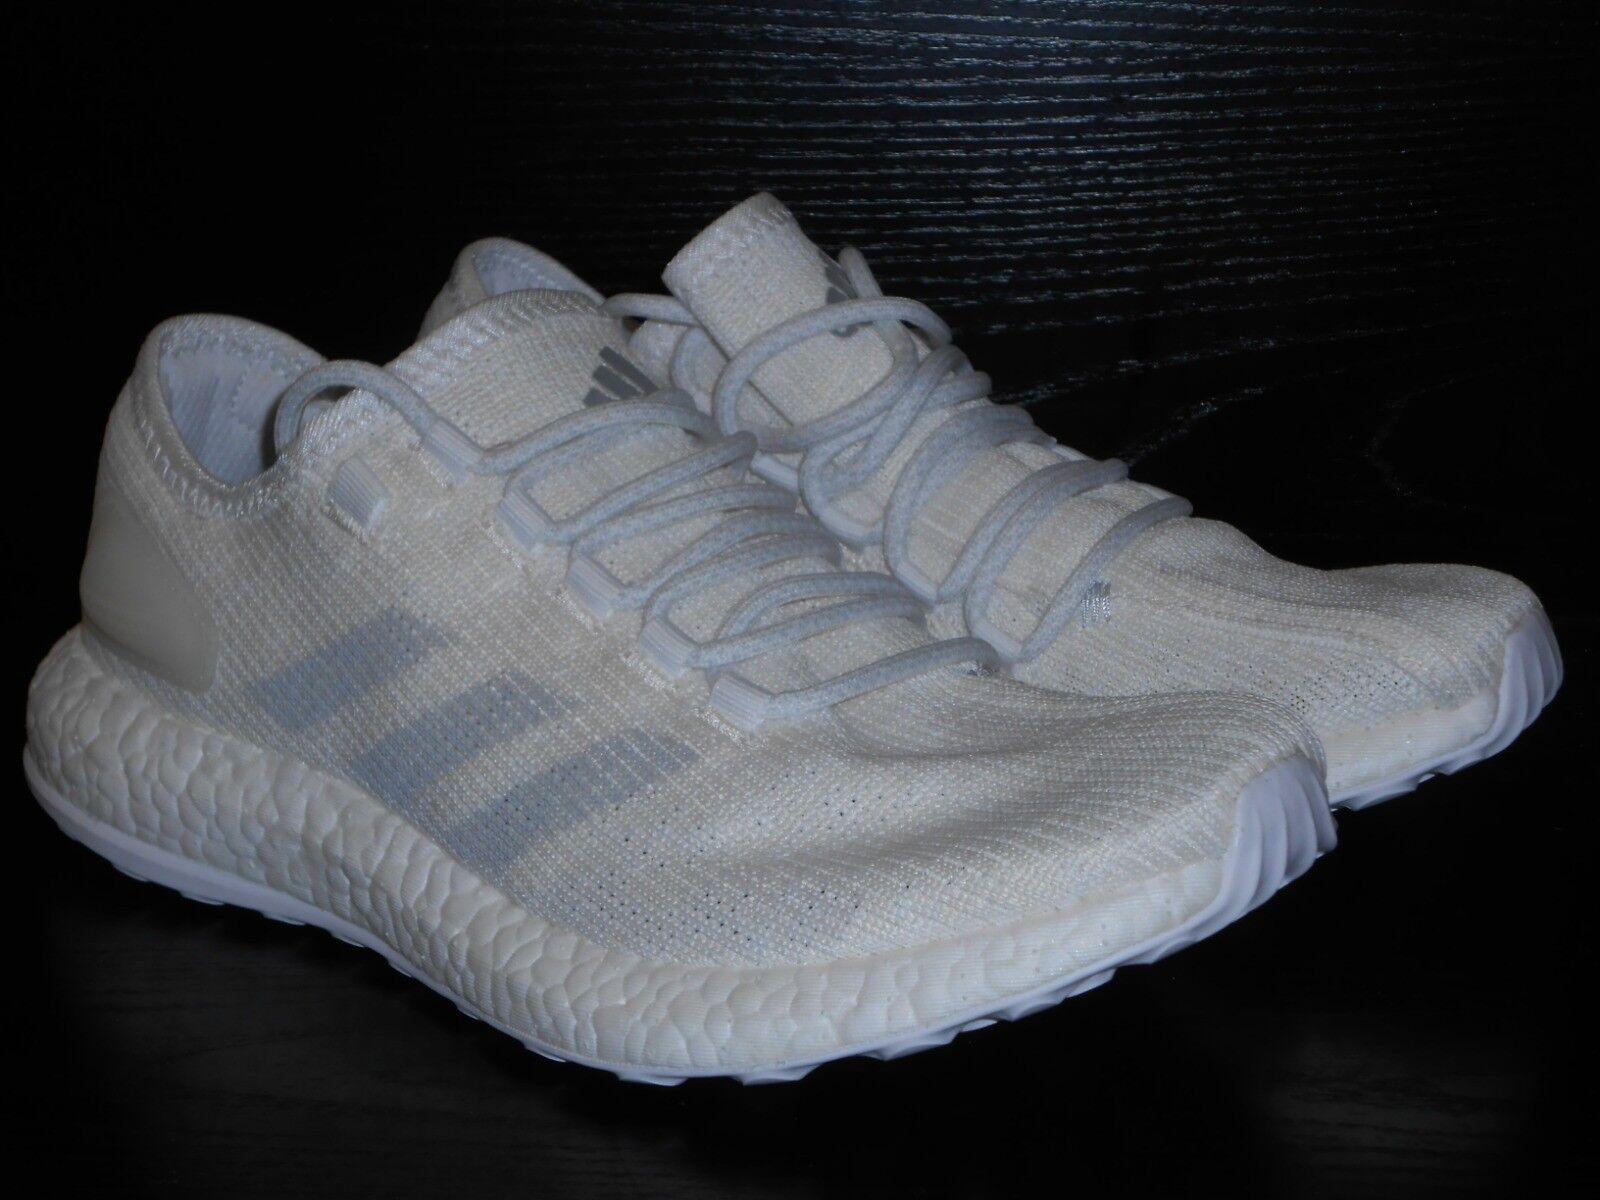 Adidas Pureboost /- clima Hombre Para Correr Zapatilla Zapato /- Pureboost c3905e